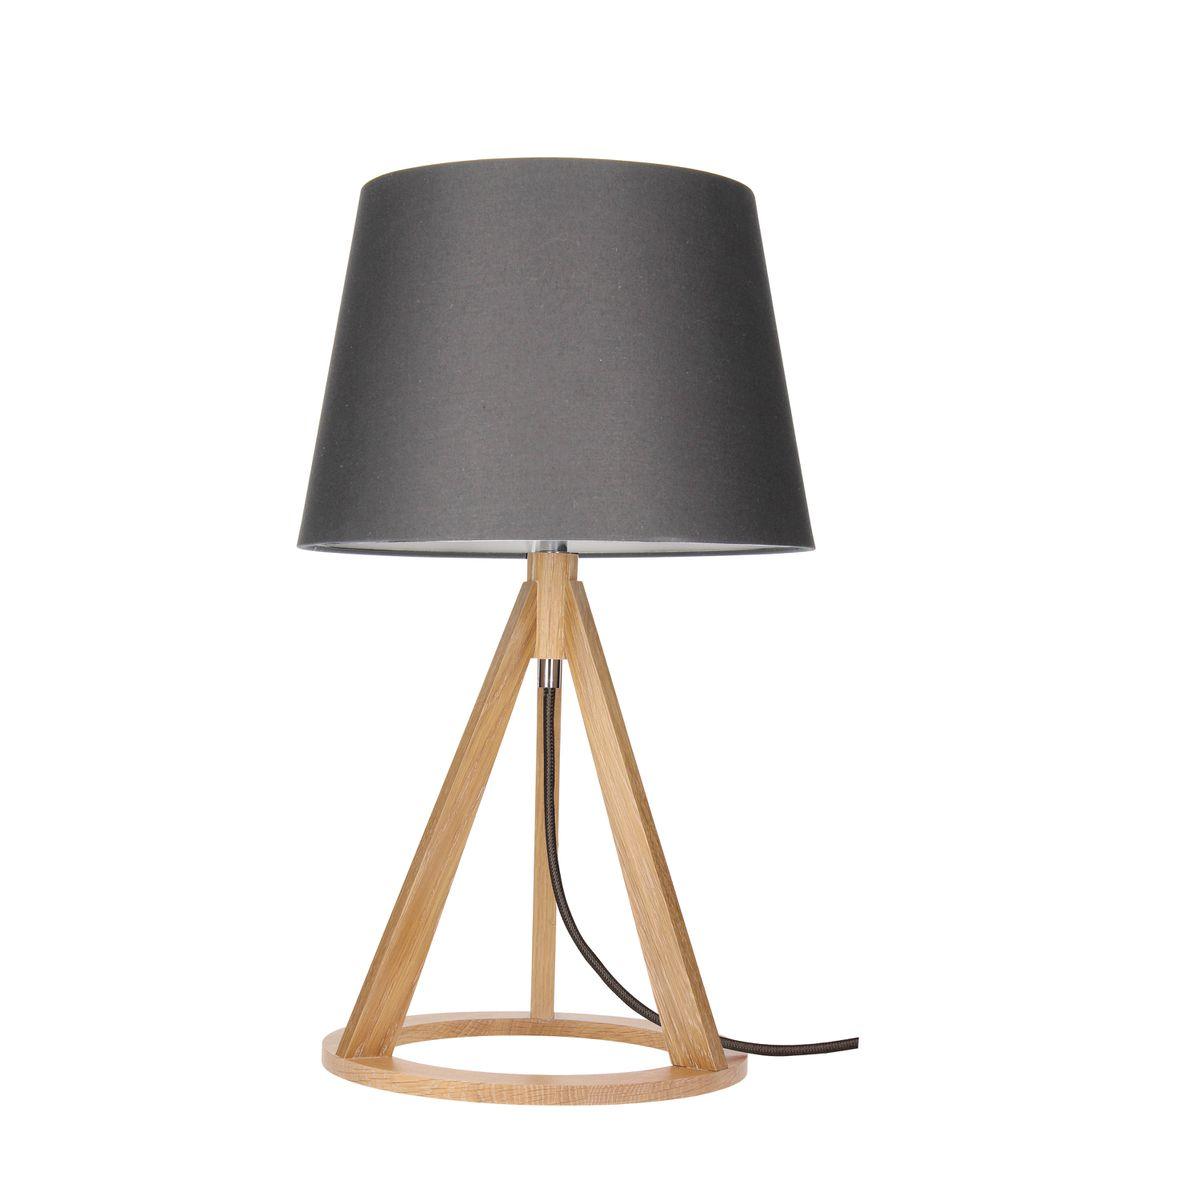 Lampa Stolowa Konan Wood E27 Dab Antracyt